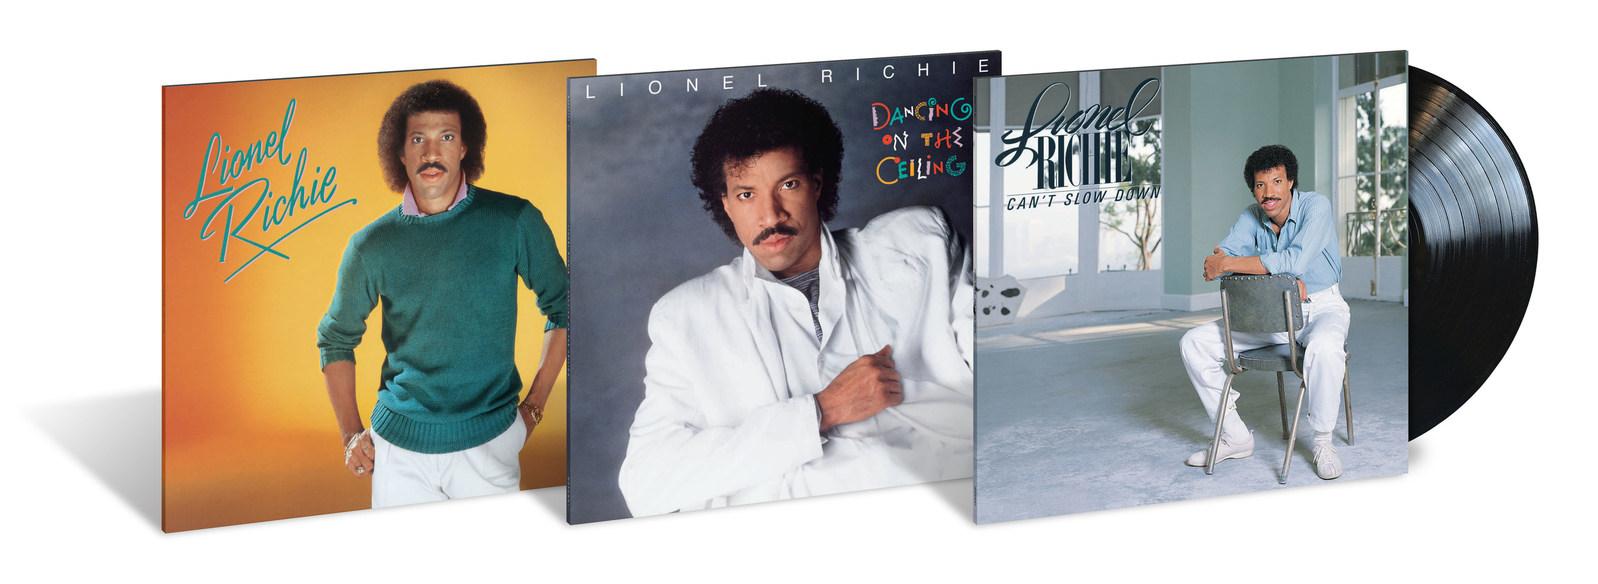 آلبوم های پرفروش لیونل ریچی